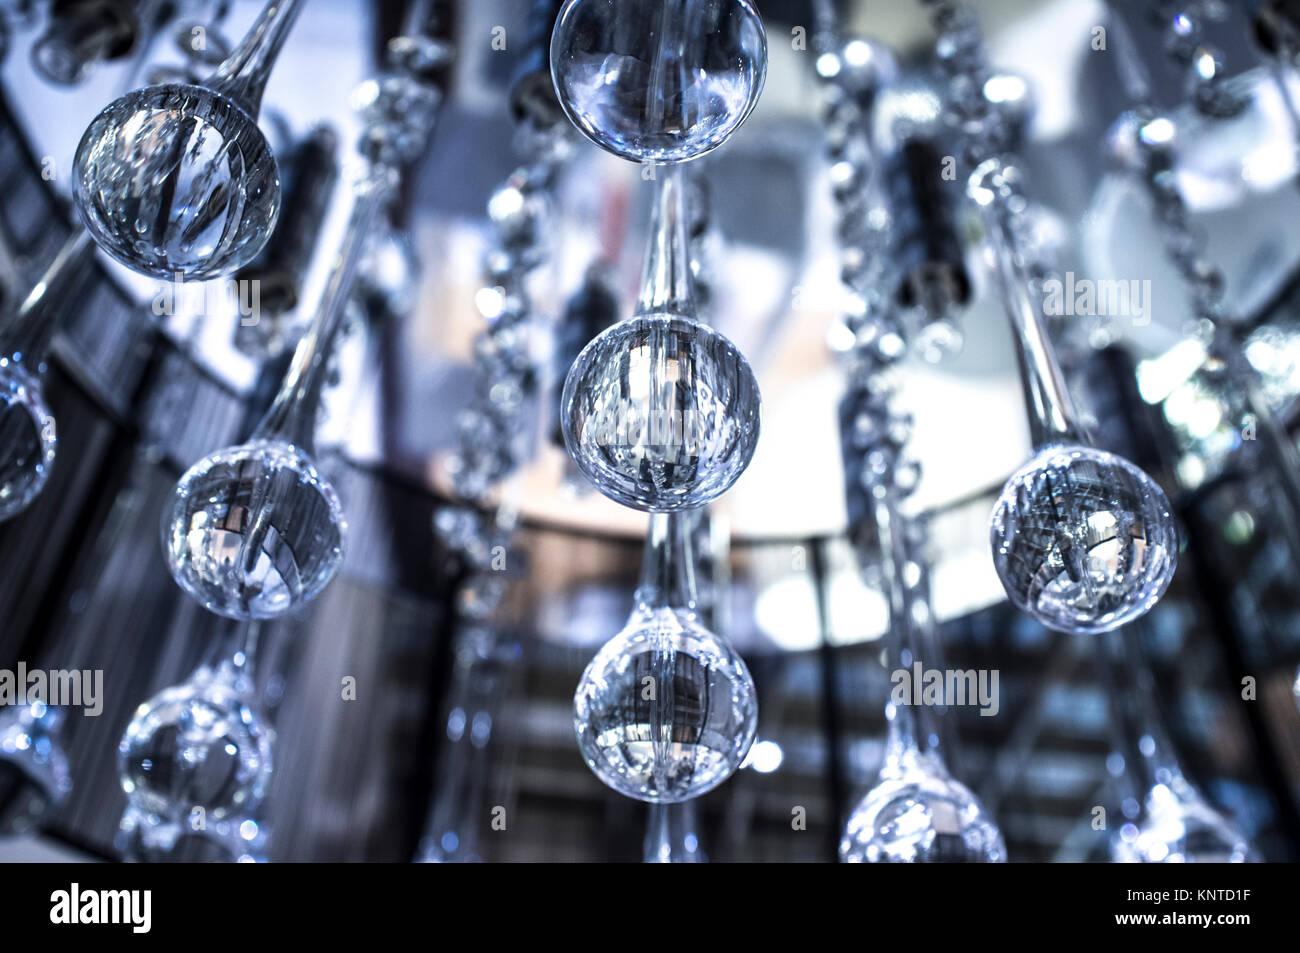 Kronleuchter Modern Kristall ~ Crystal moderner kronleuchter mit hängenden glastropfen